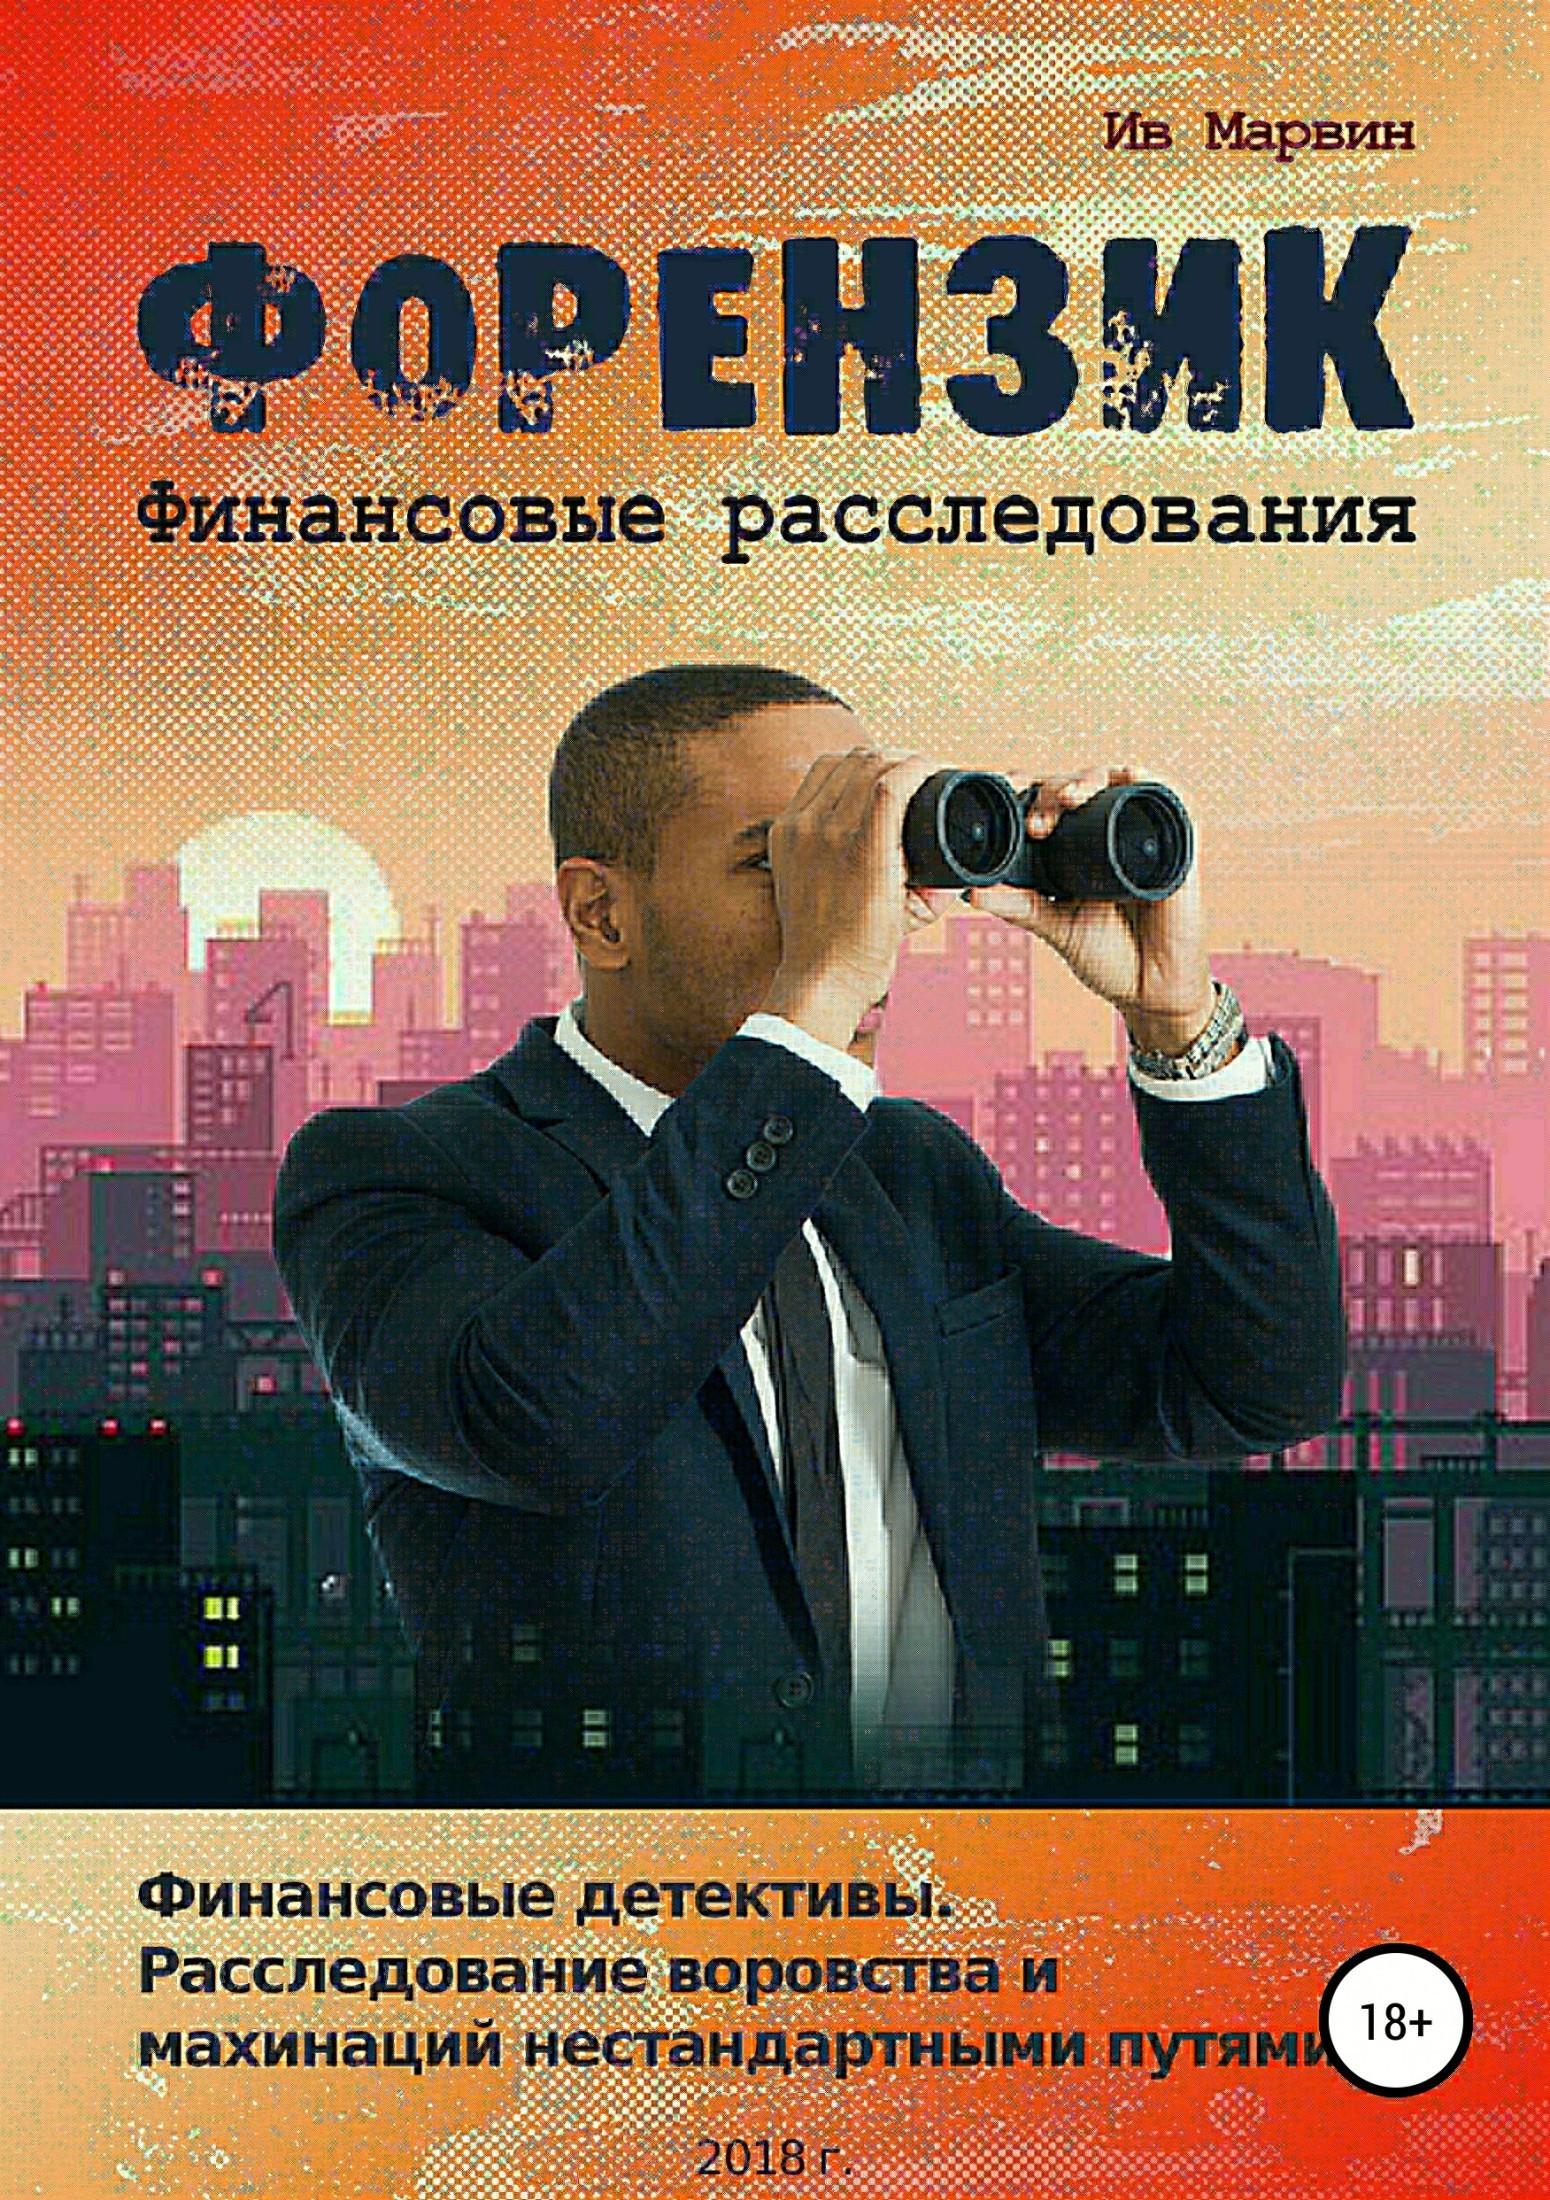 Обложка книги Форензик – финансовое расследование